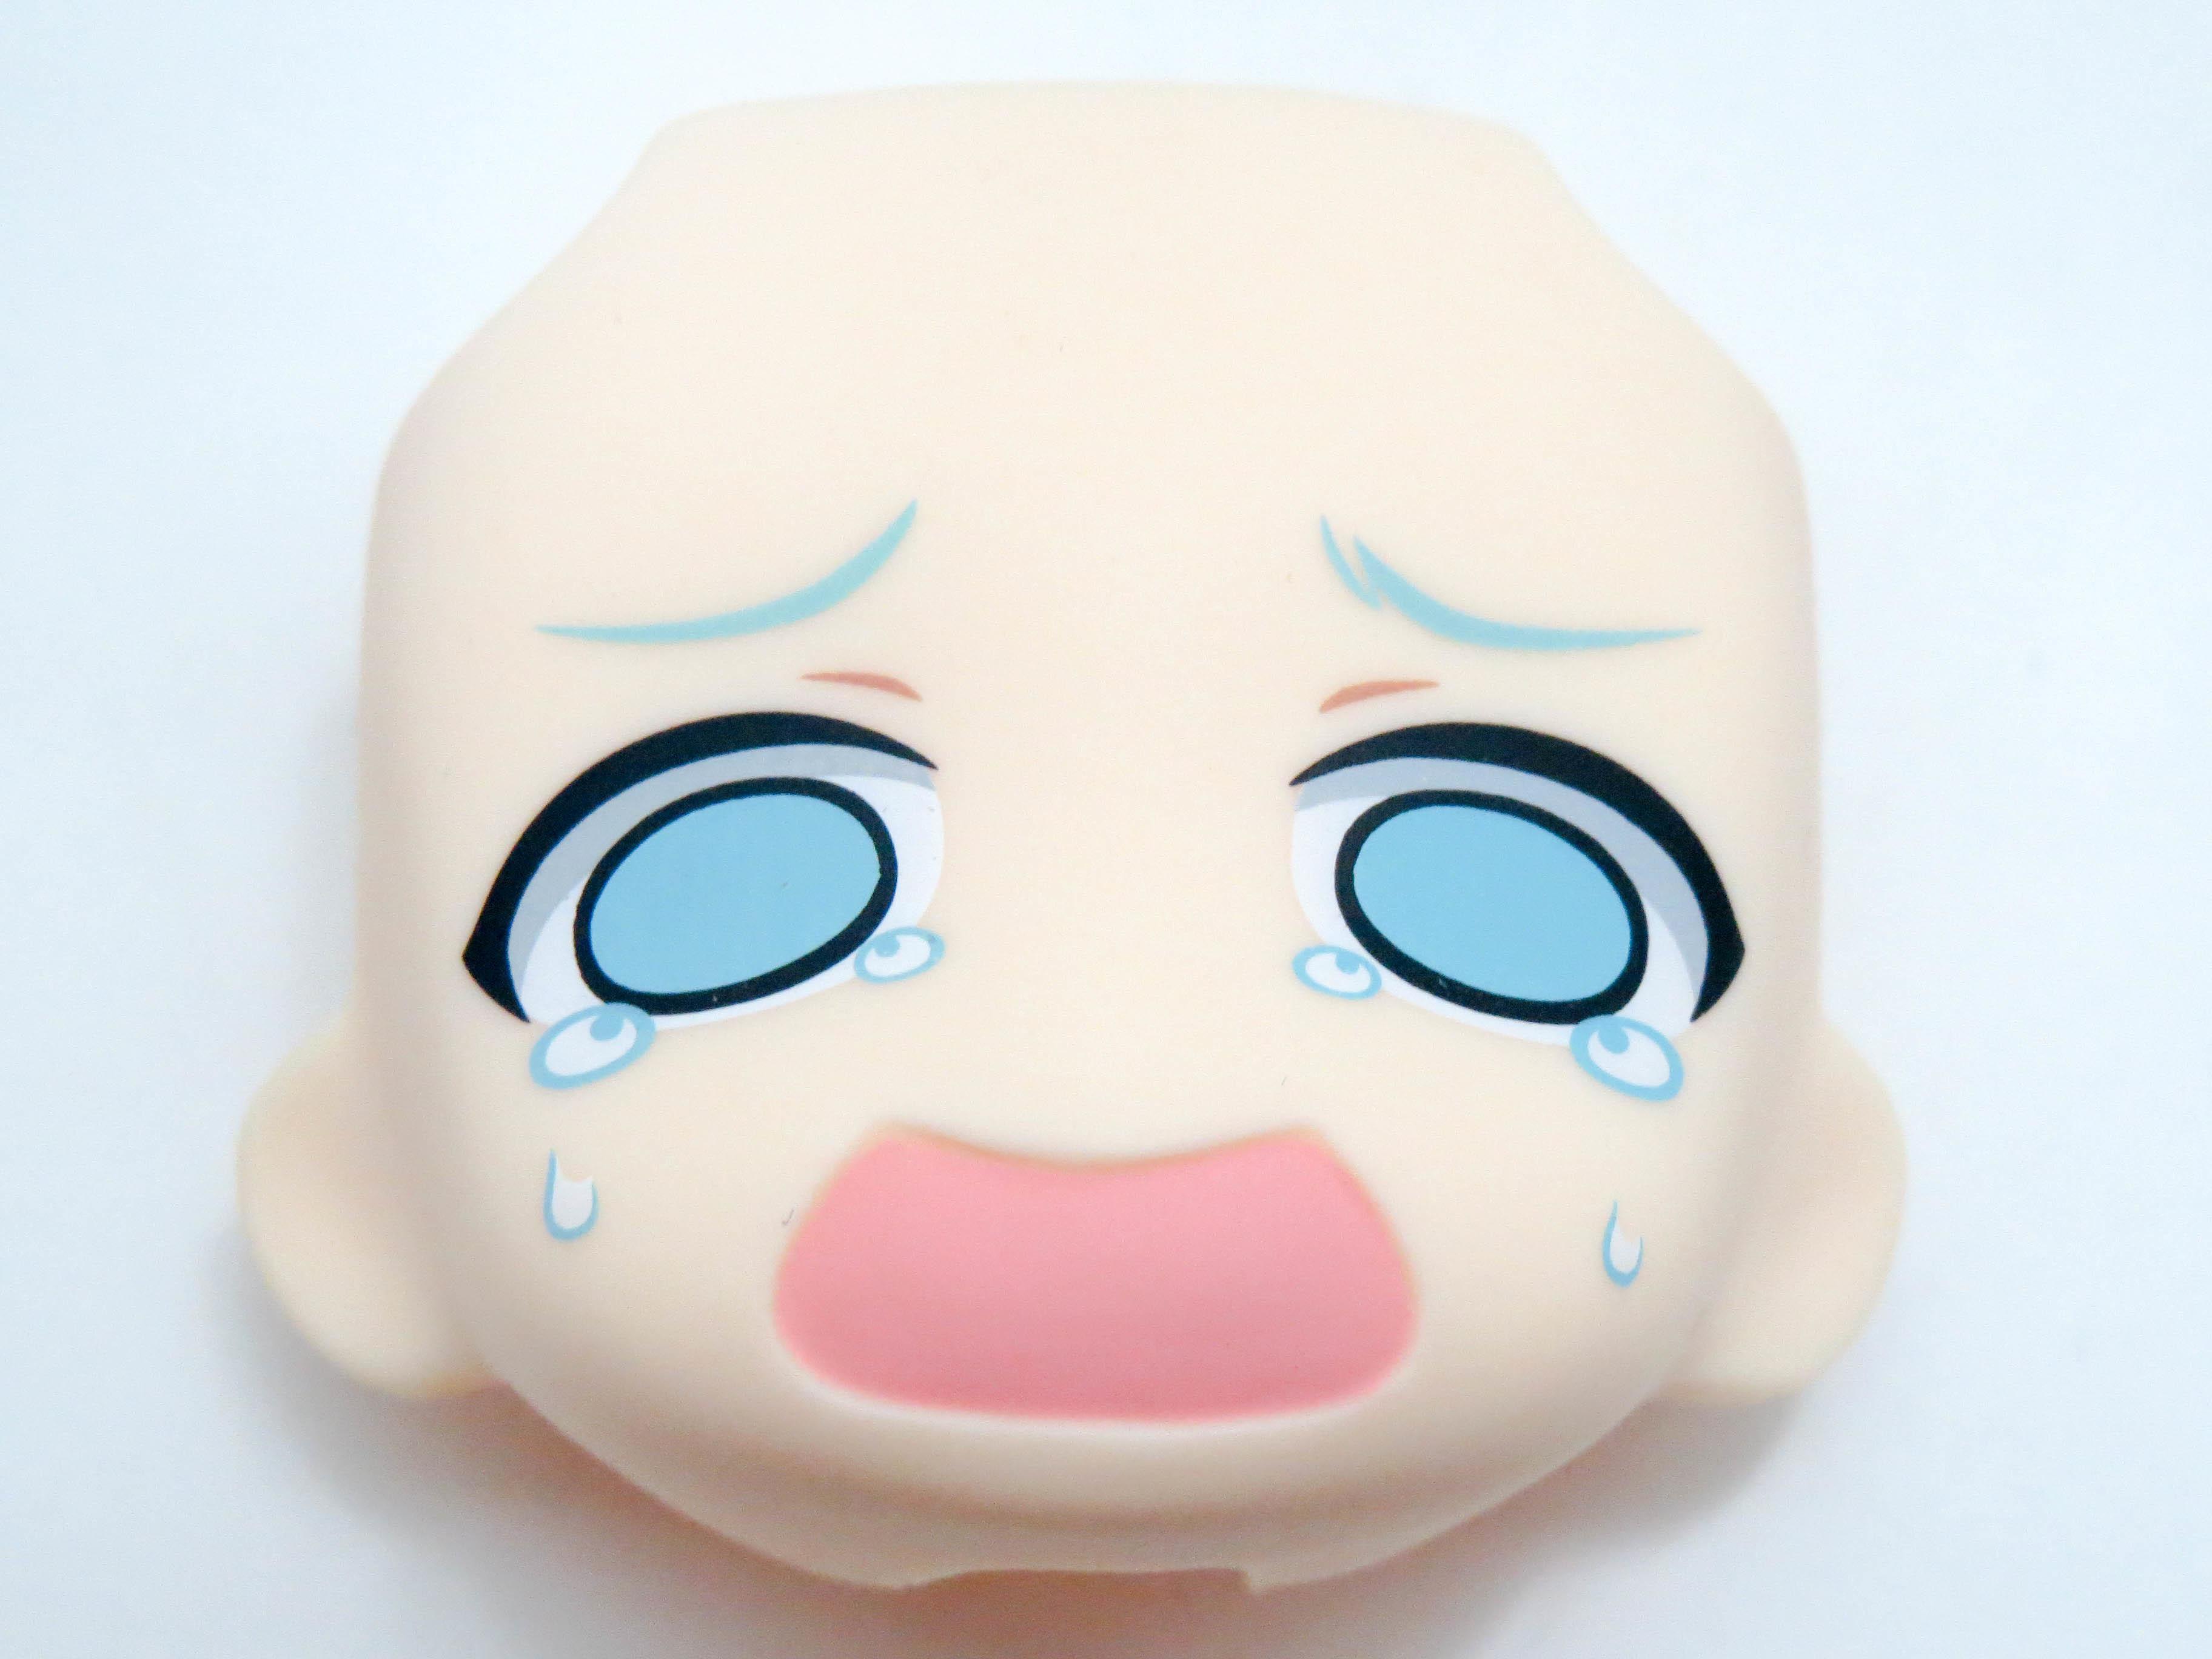 再入荷【630】 アクア 顔パーツ 大泣き顔 ねんどろいど